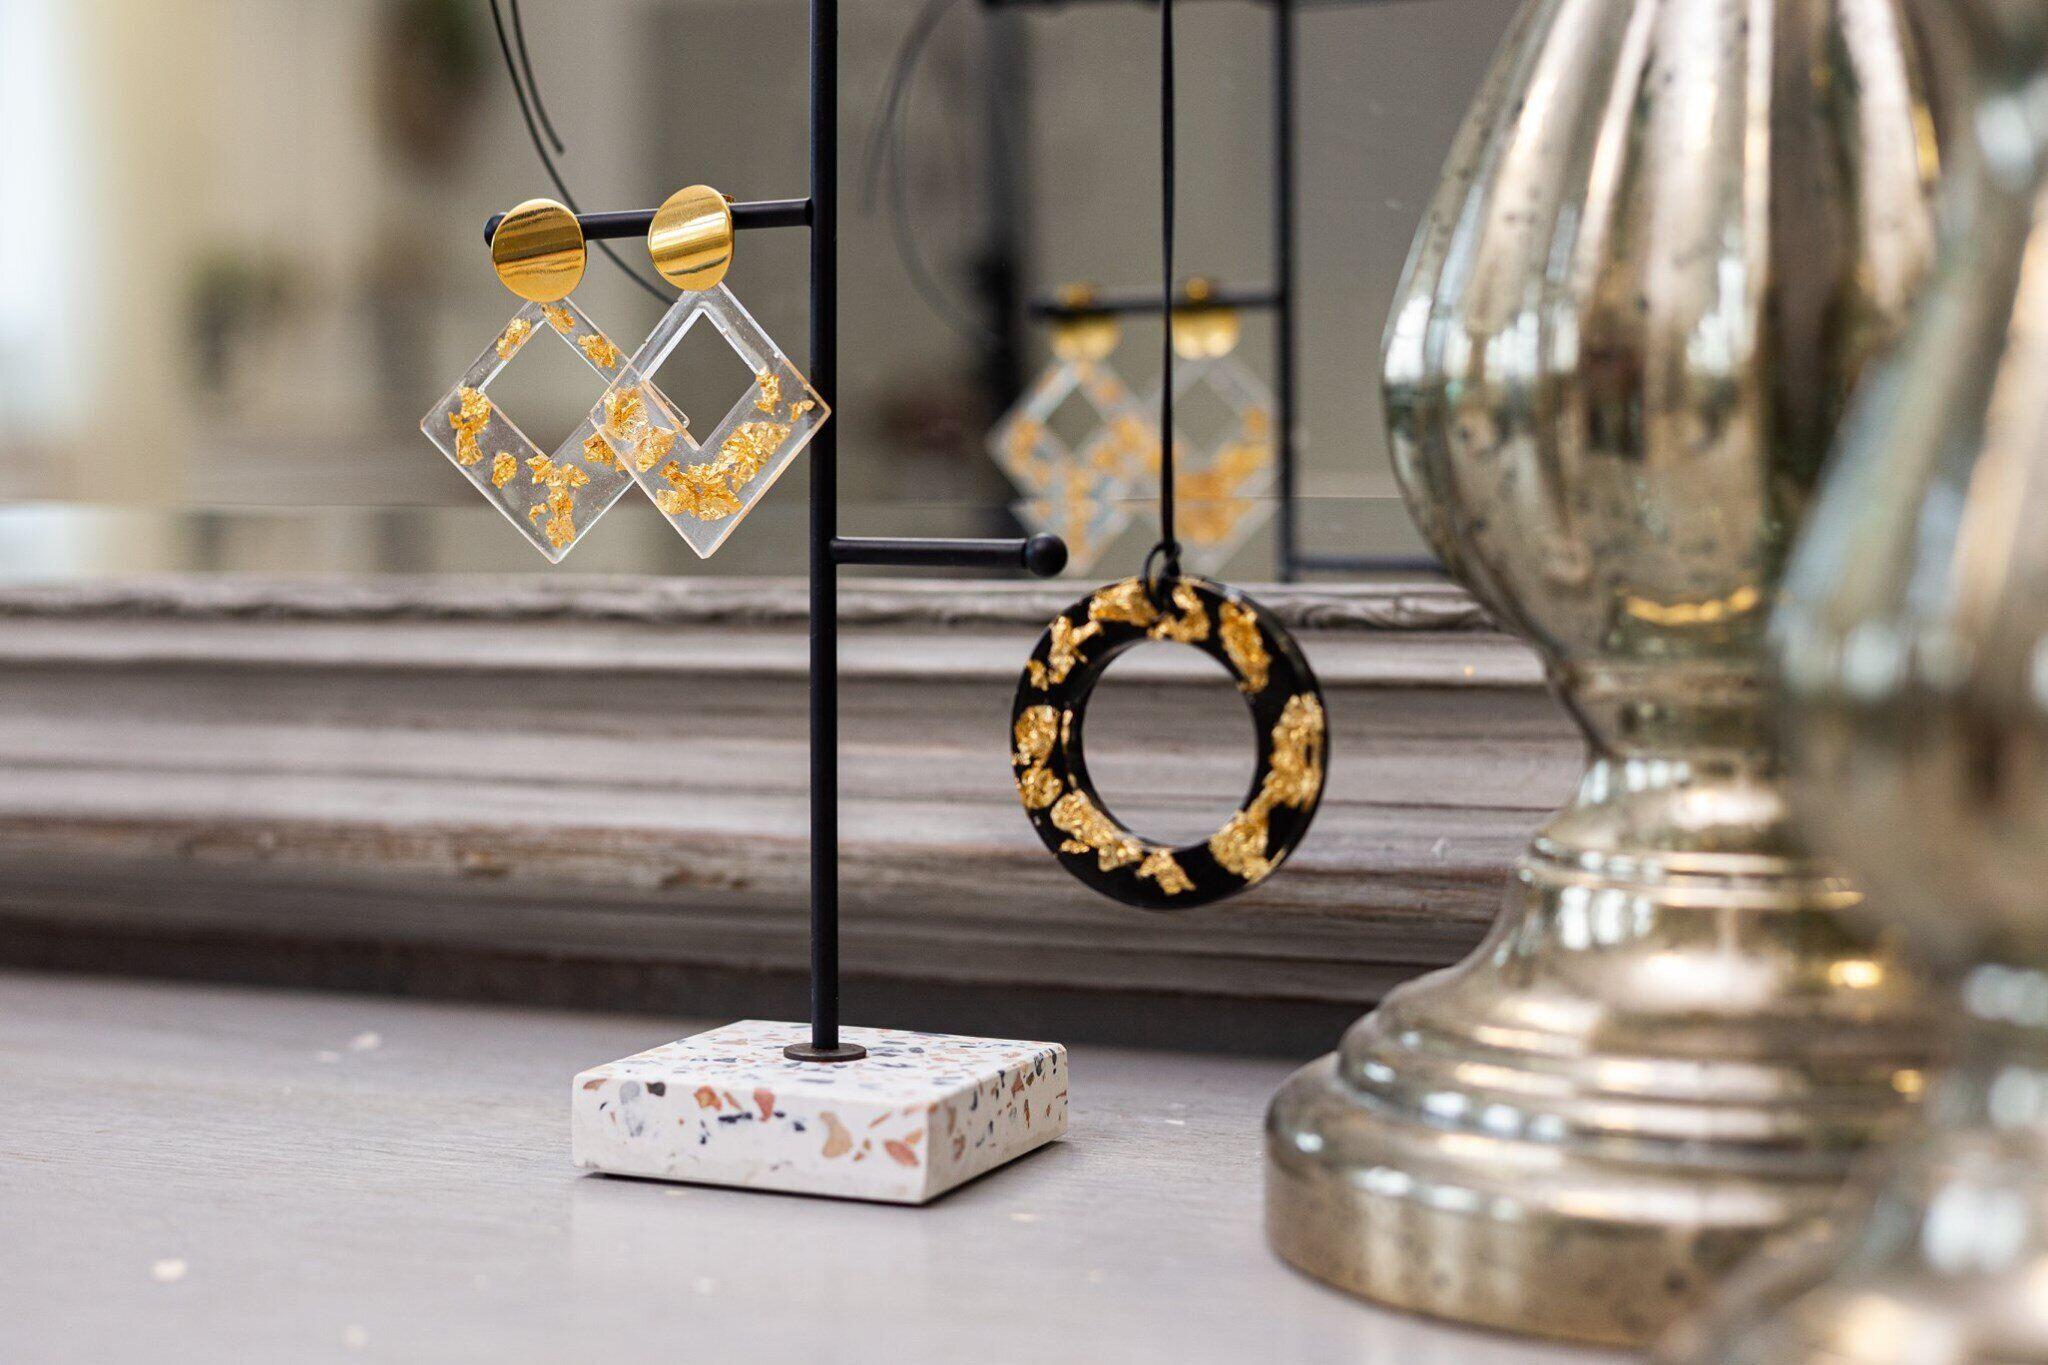 rezina studio resin jewelry workshop